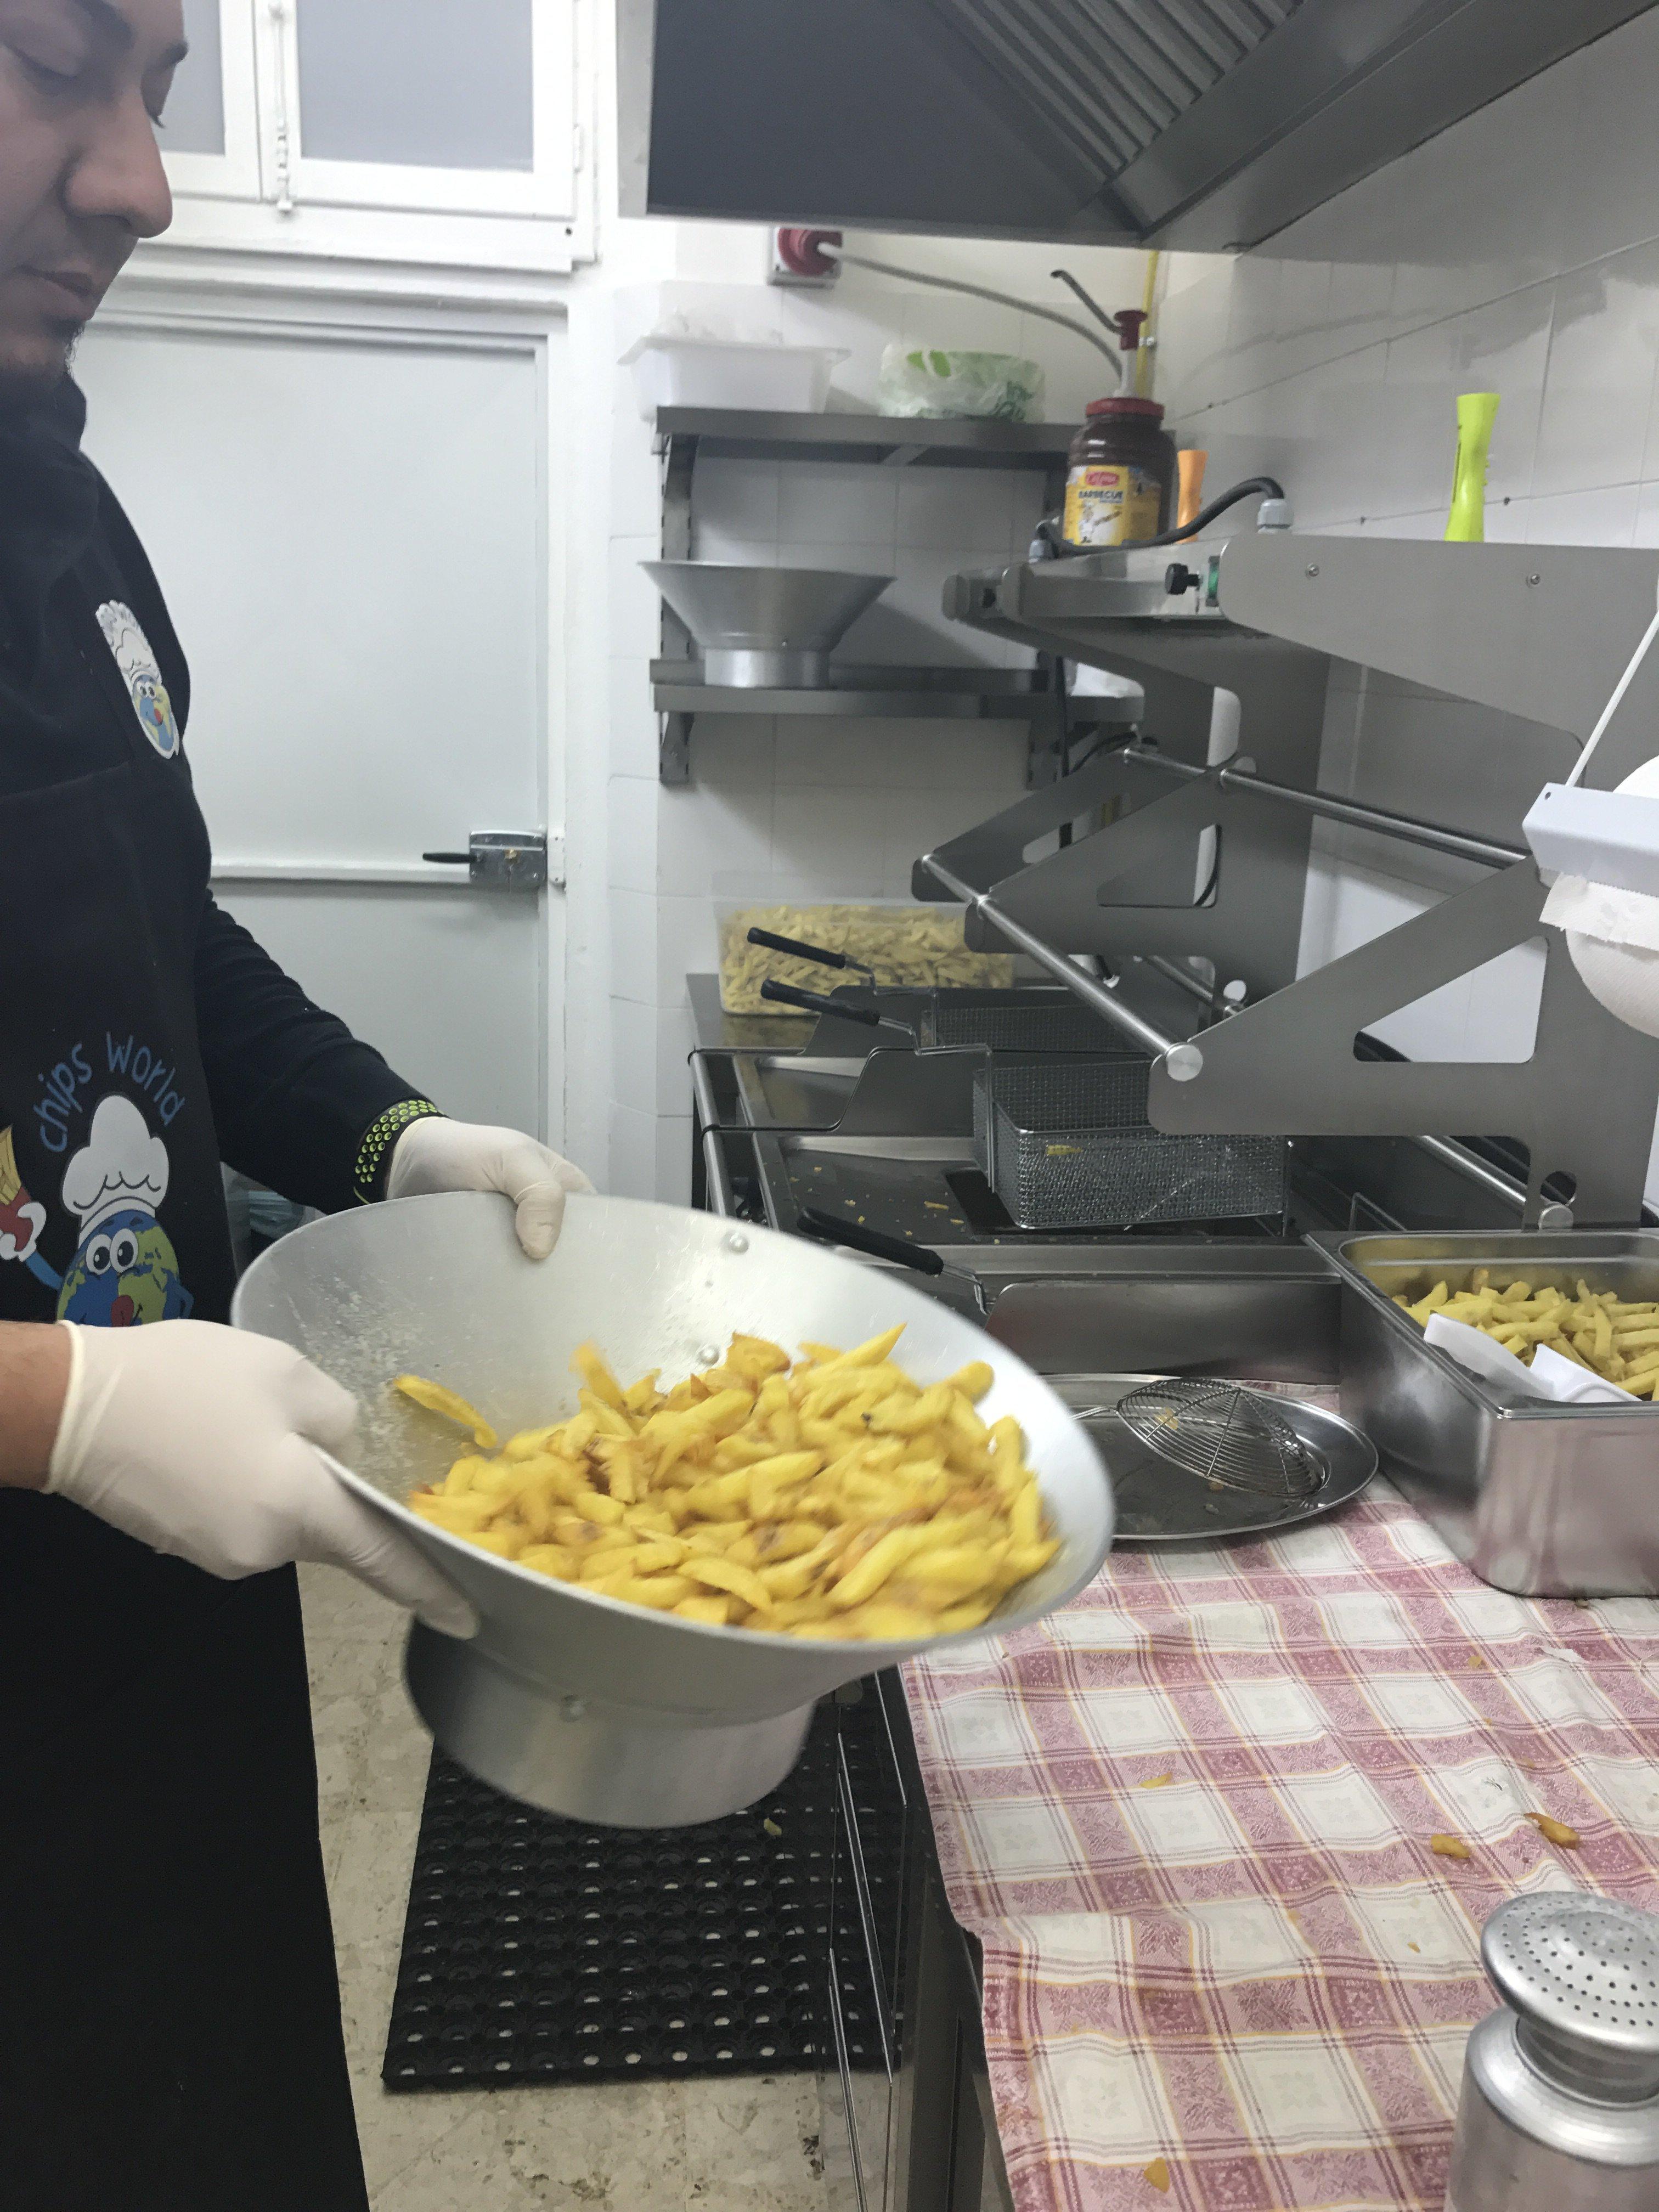 preparazione patatine fritte